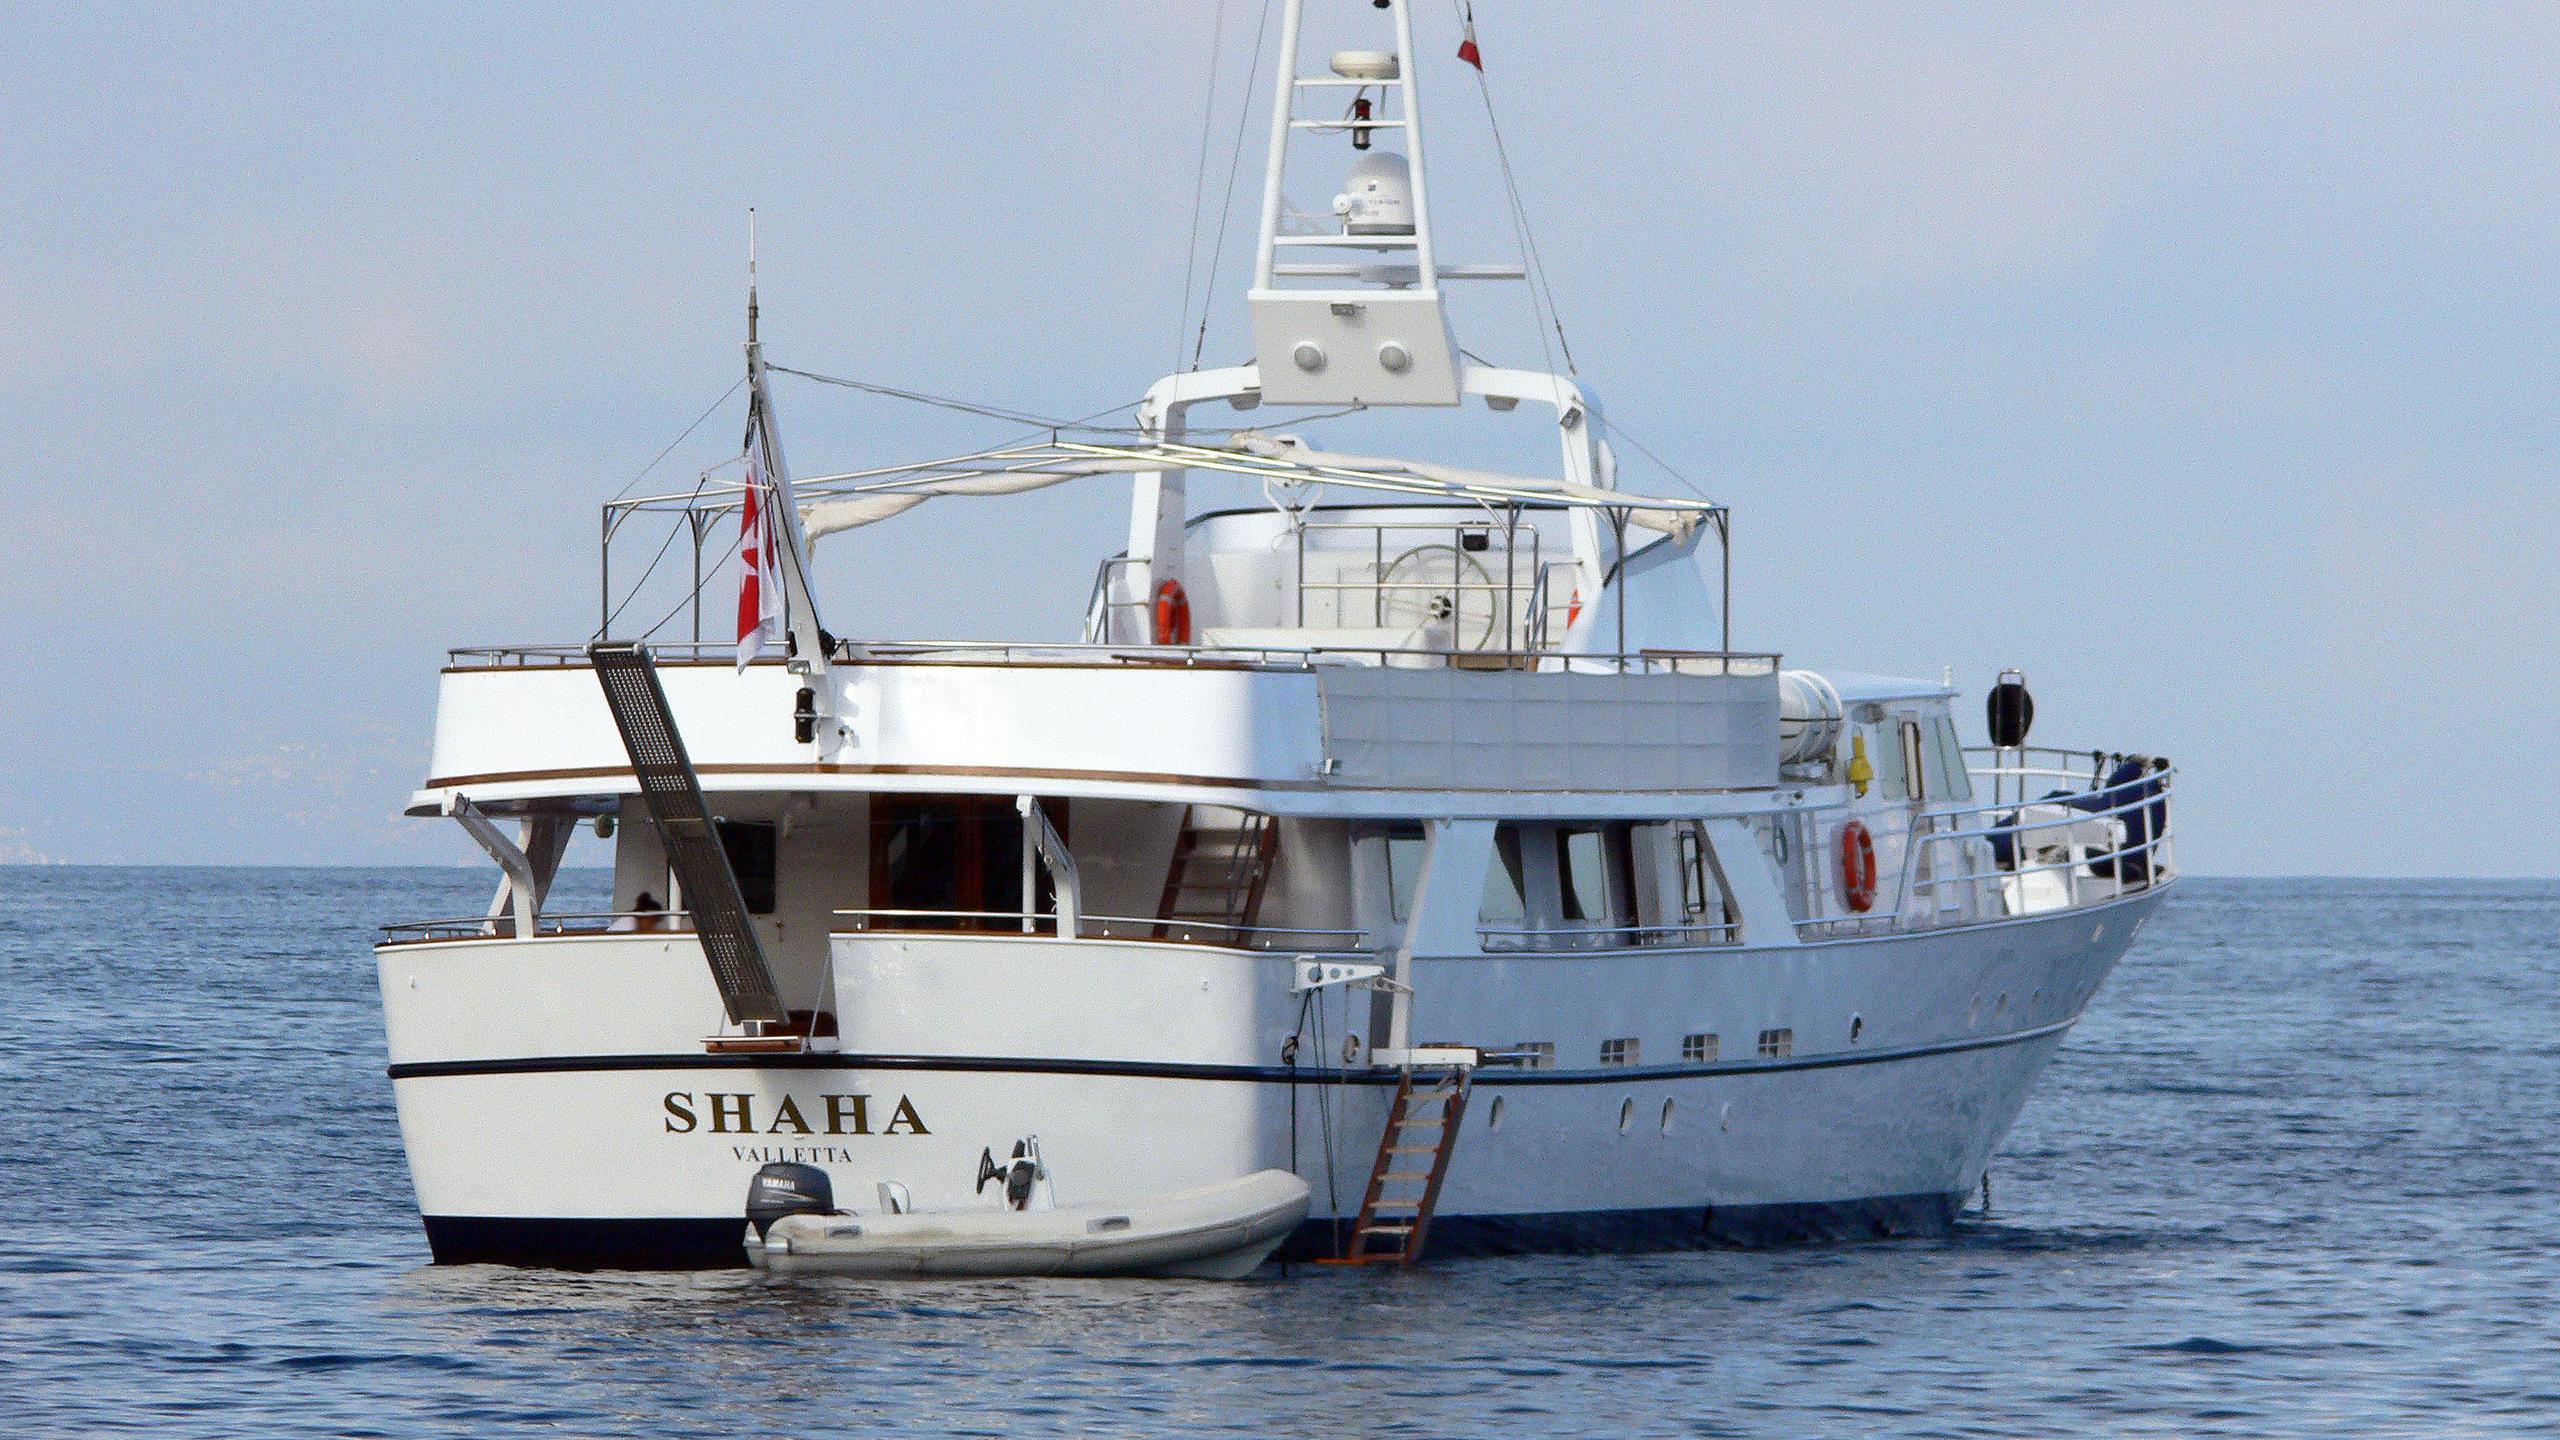 shaha-motor-yacht-socarenam-1978-34m-stern